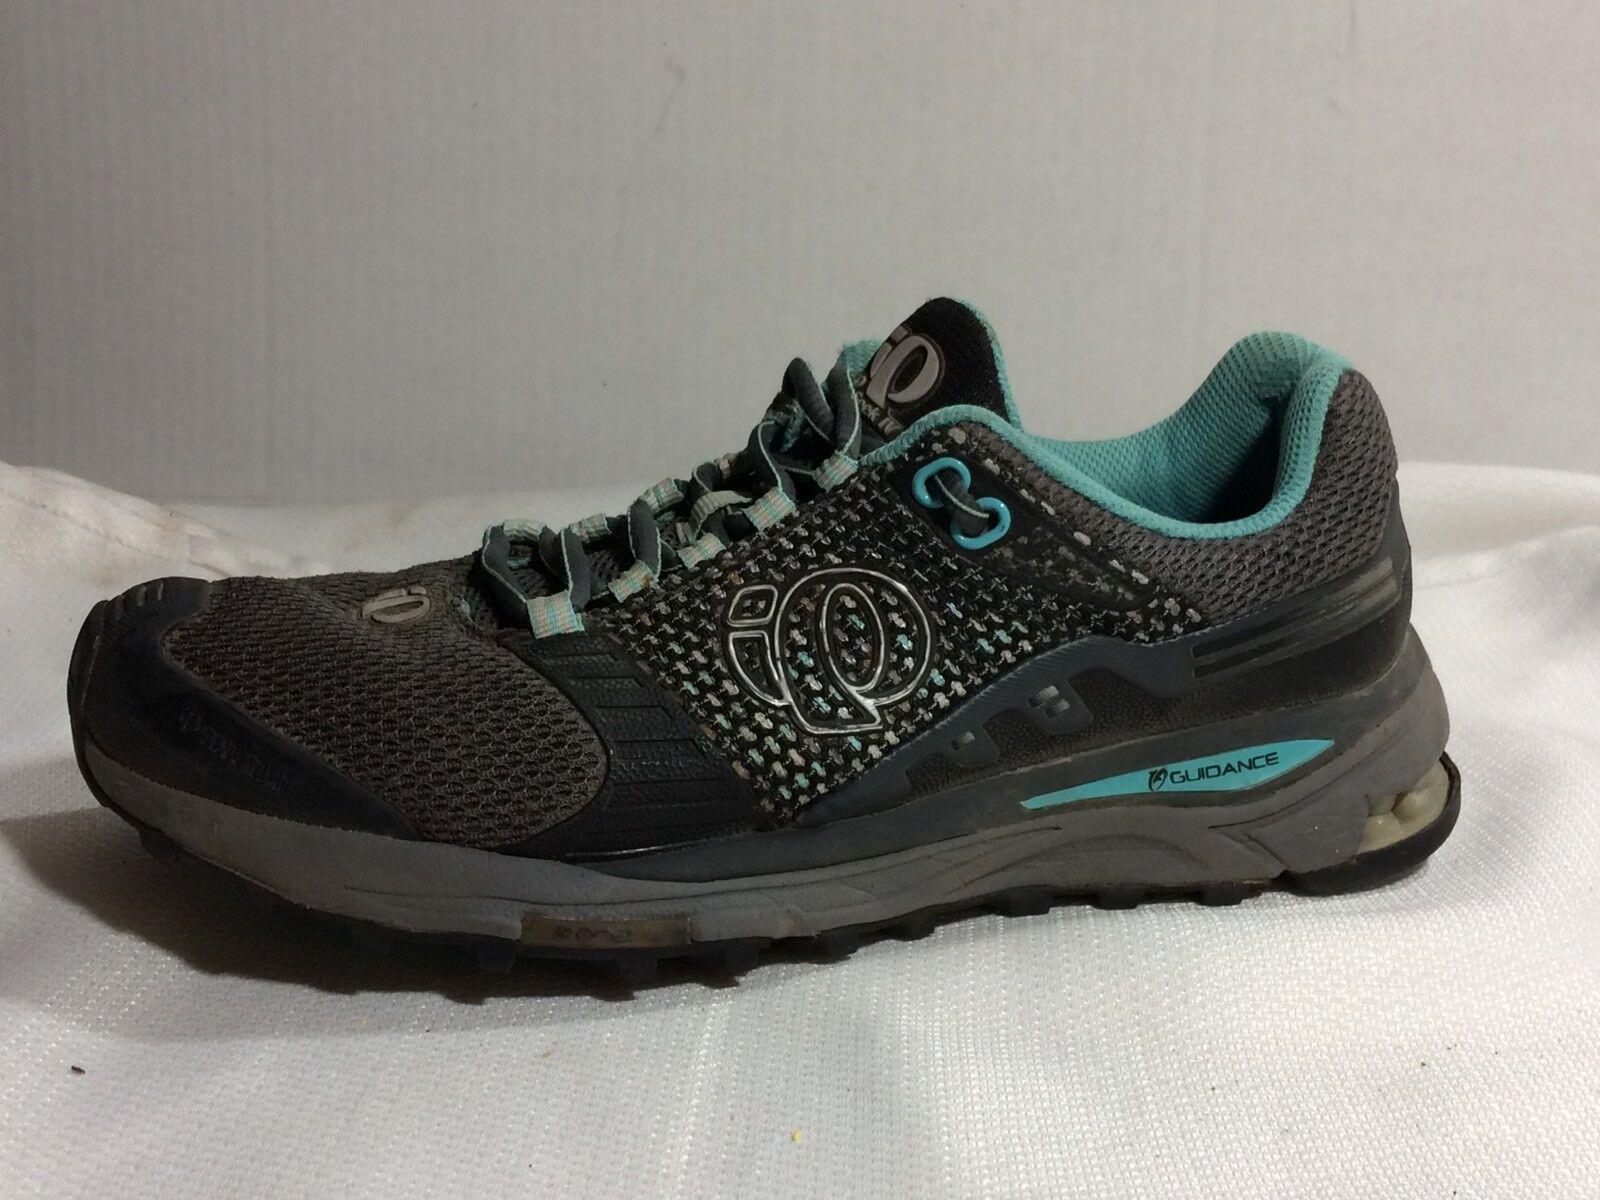 pearl izumi Gris  Bleu  iso chercher iv iv iv femmes 7,5 m de course en sentier chaussure résistant à l'eau e23e6a